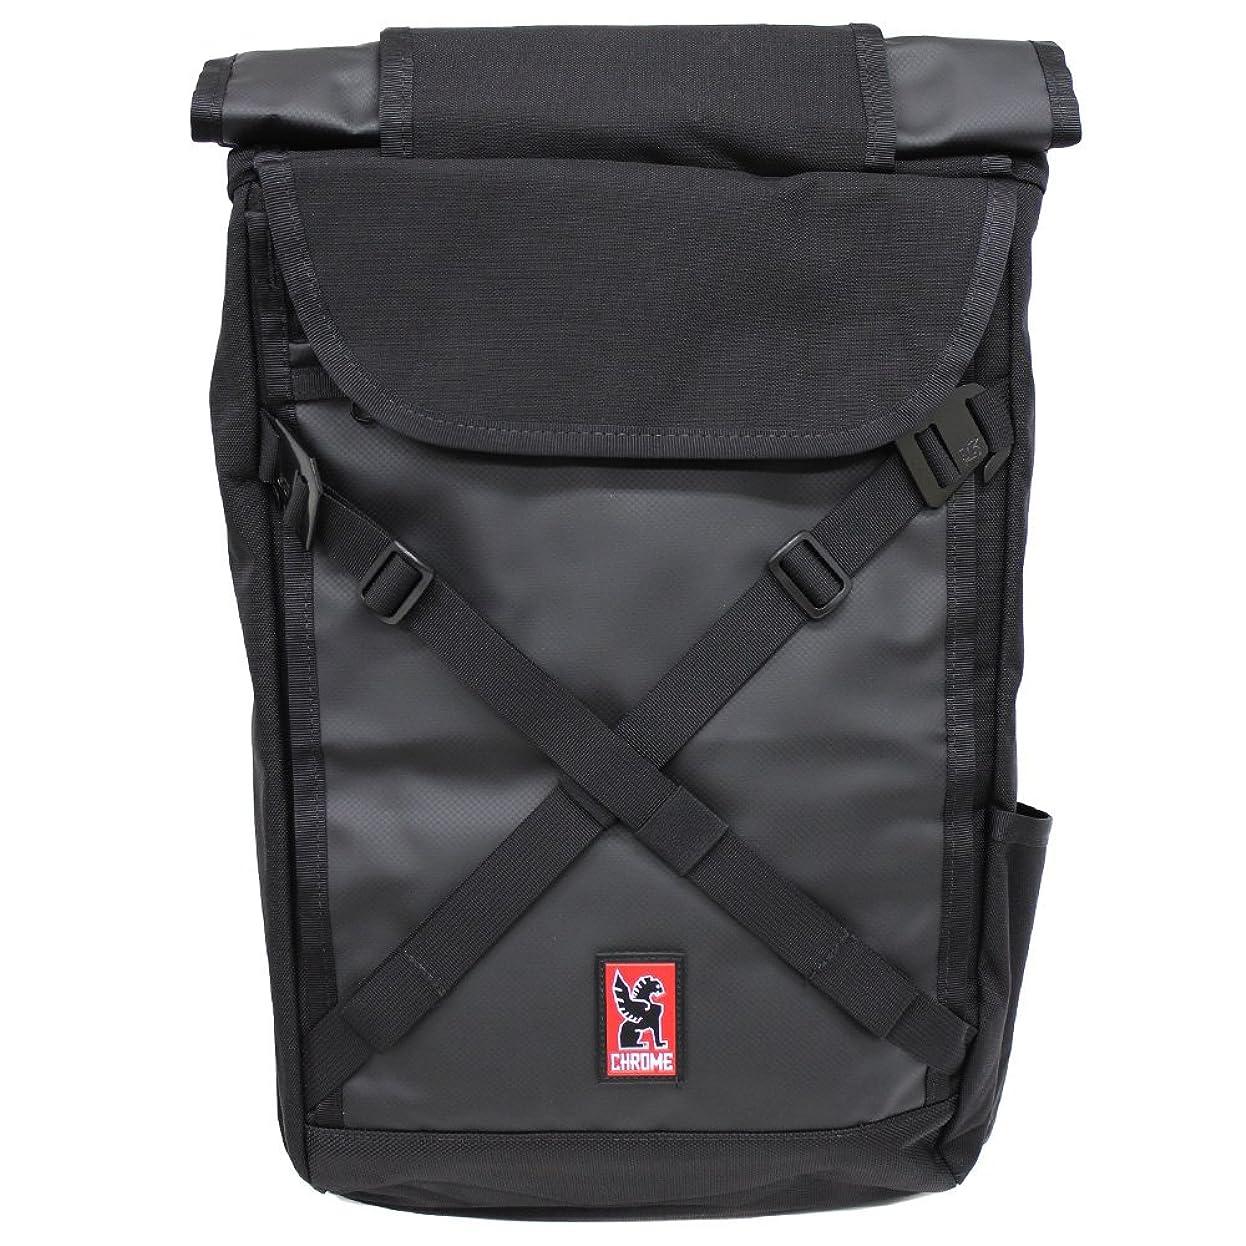 ジョージハンブリーブランド外出CHROME/クローム BG 190 BKBK BRAVO2.0/ブラボー2.0 バックパック/リュックサック/カバン/鞄 メンズ/レディース ブラック [並行輸入品]